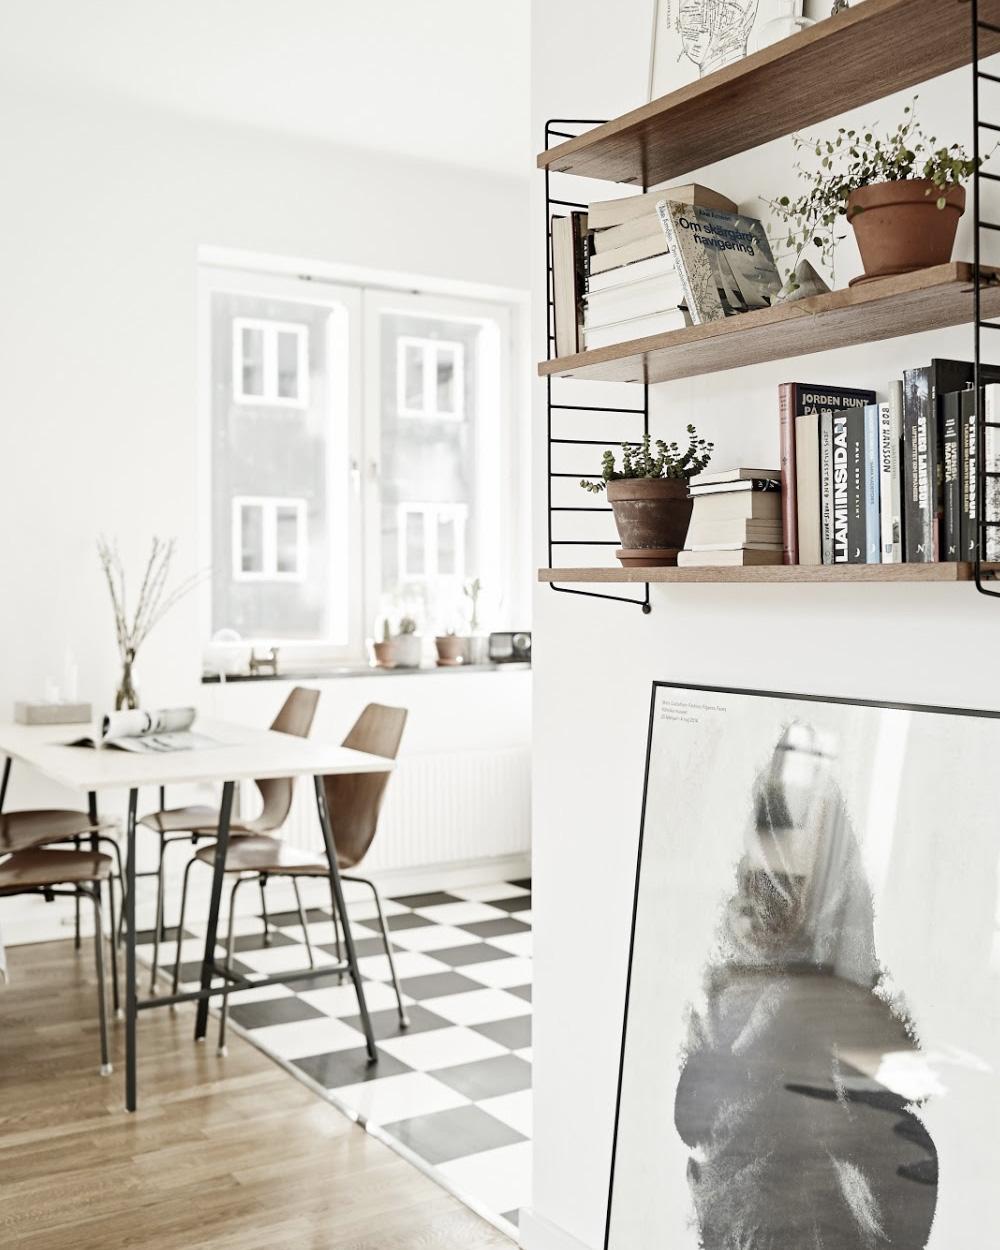 cuisine vintage déco scandinave